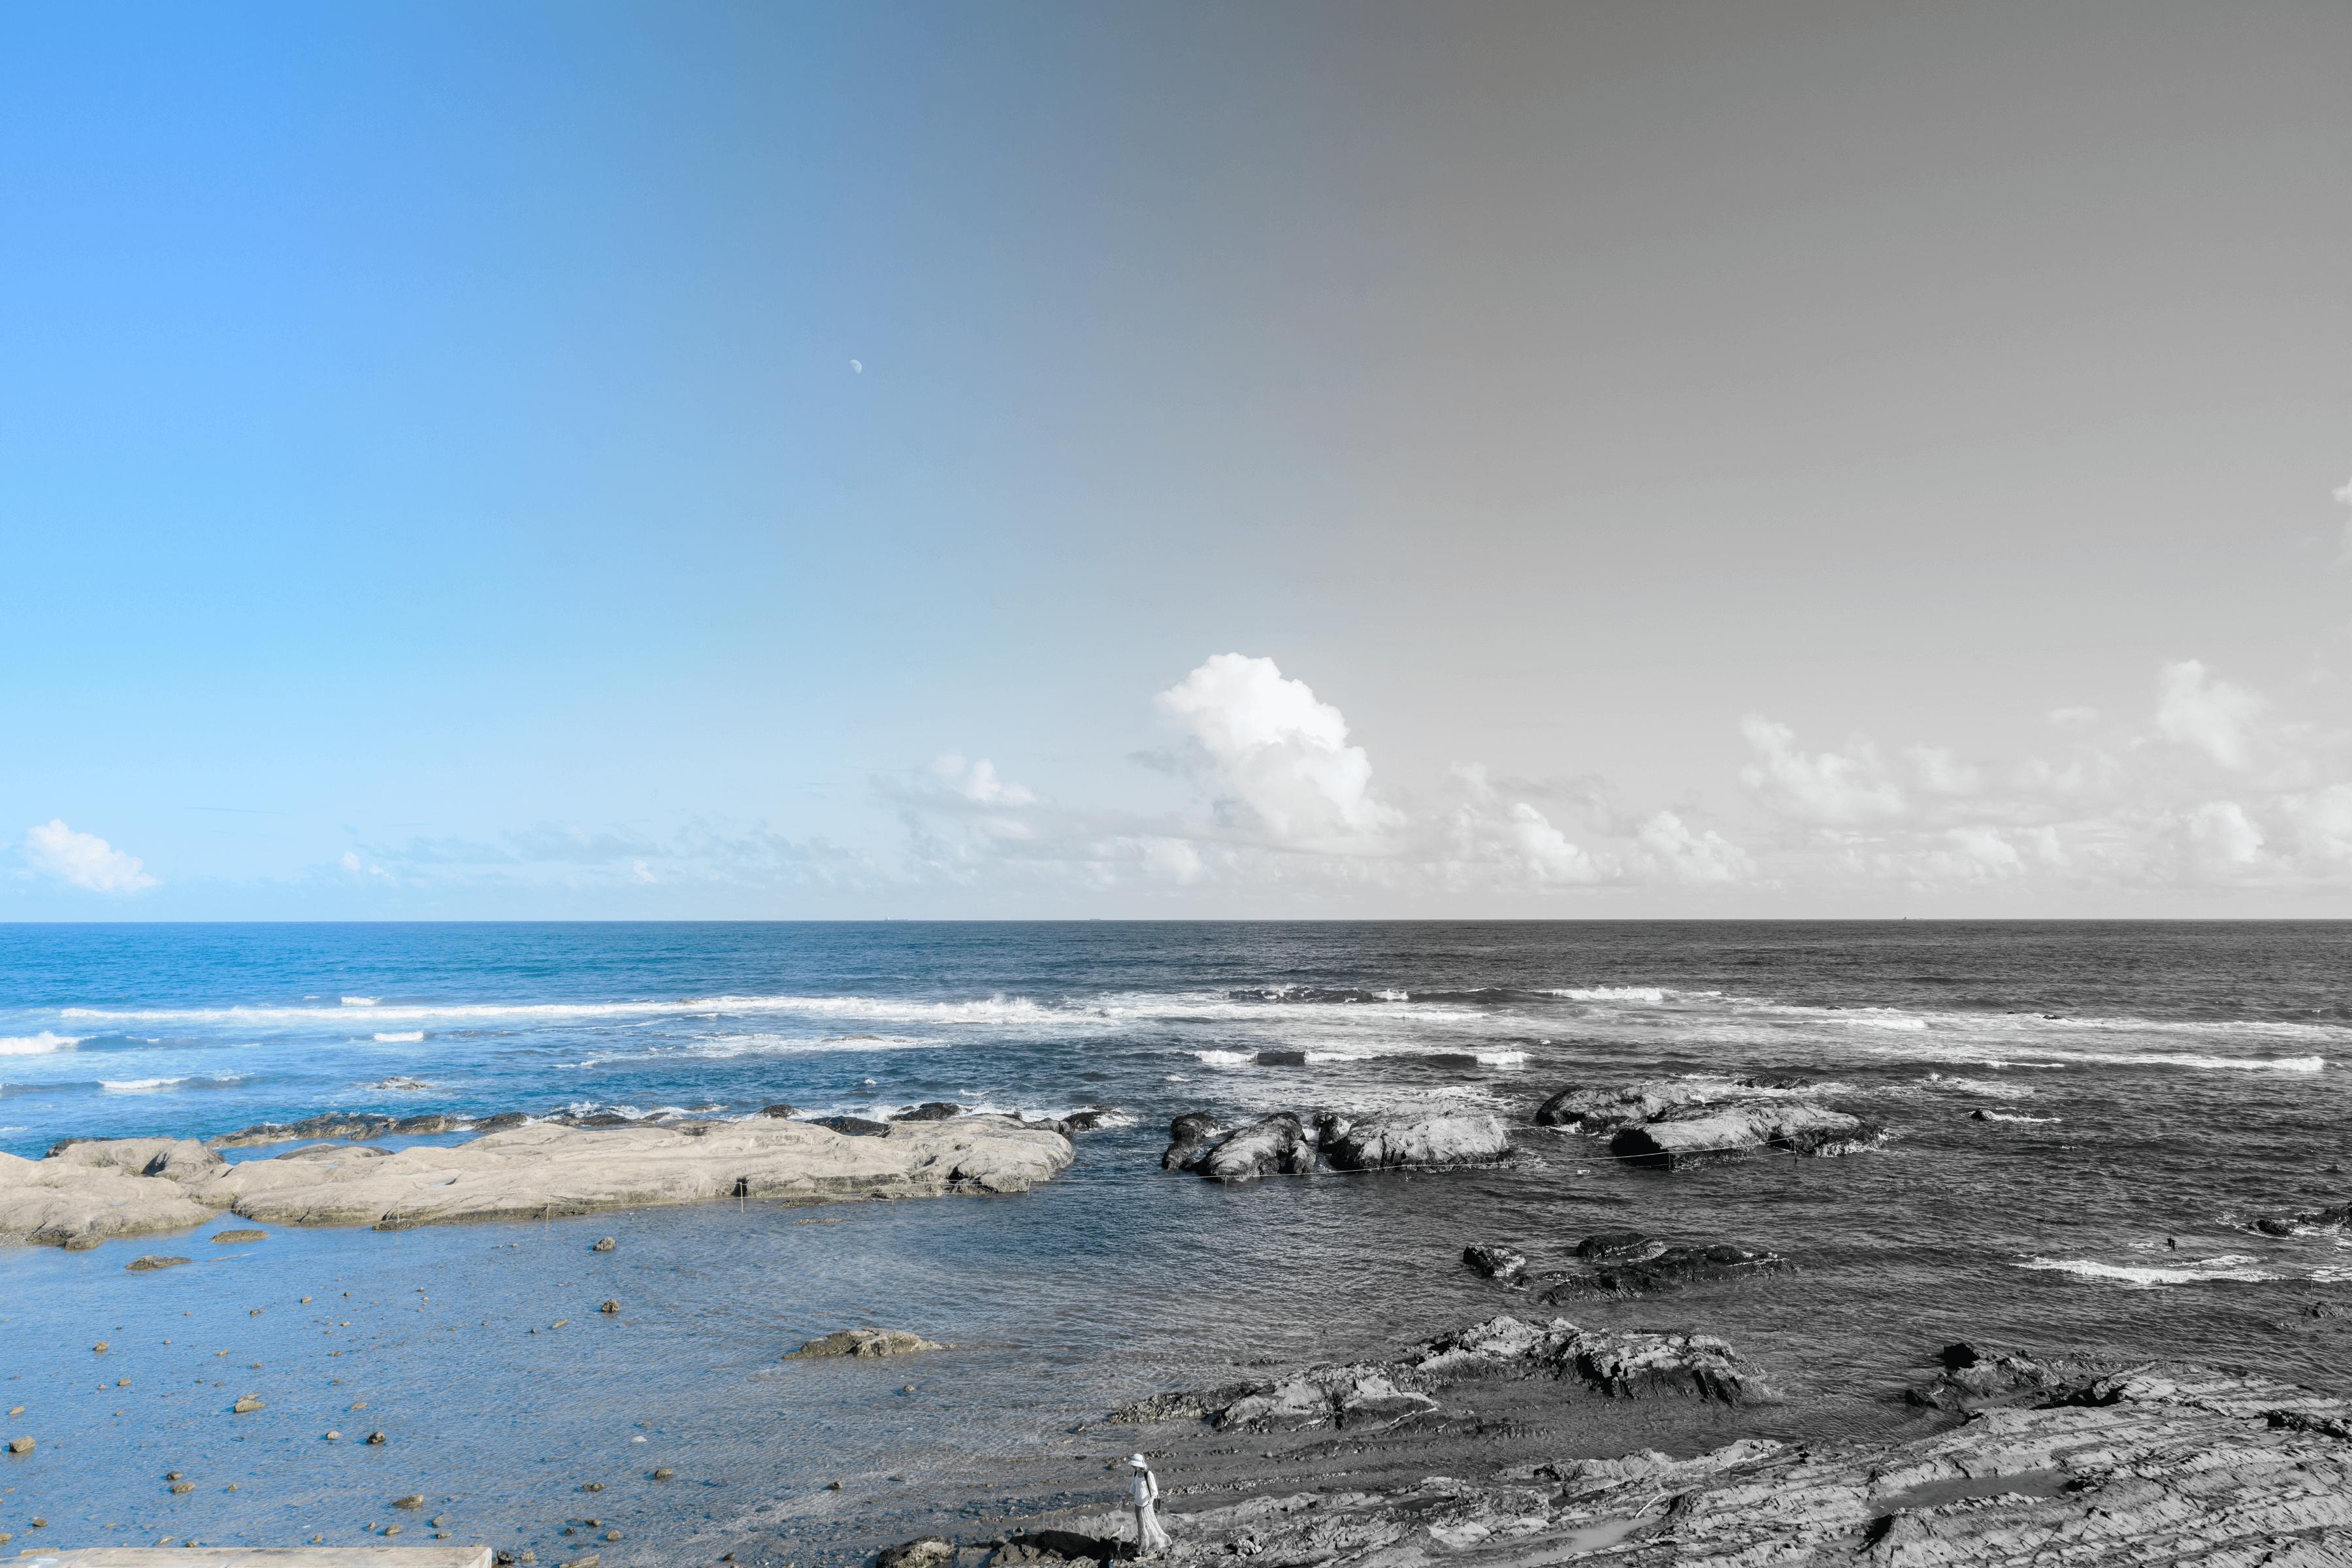 カラー現像した写真をモノクロ現像してカラーに戻して遊んでる